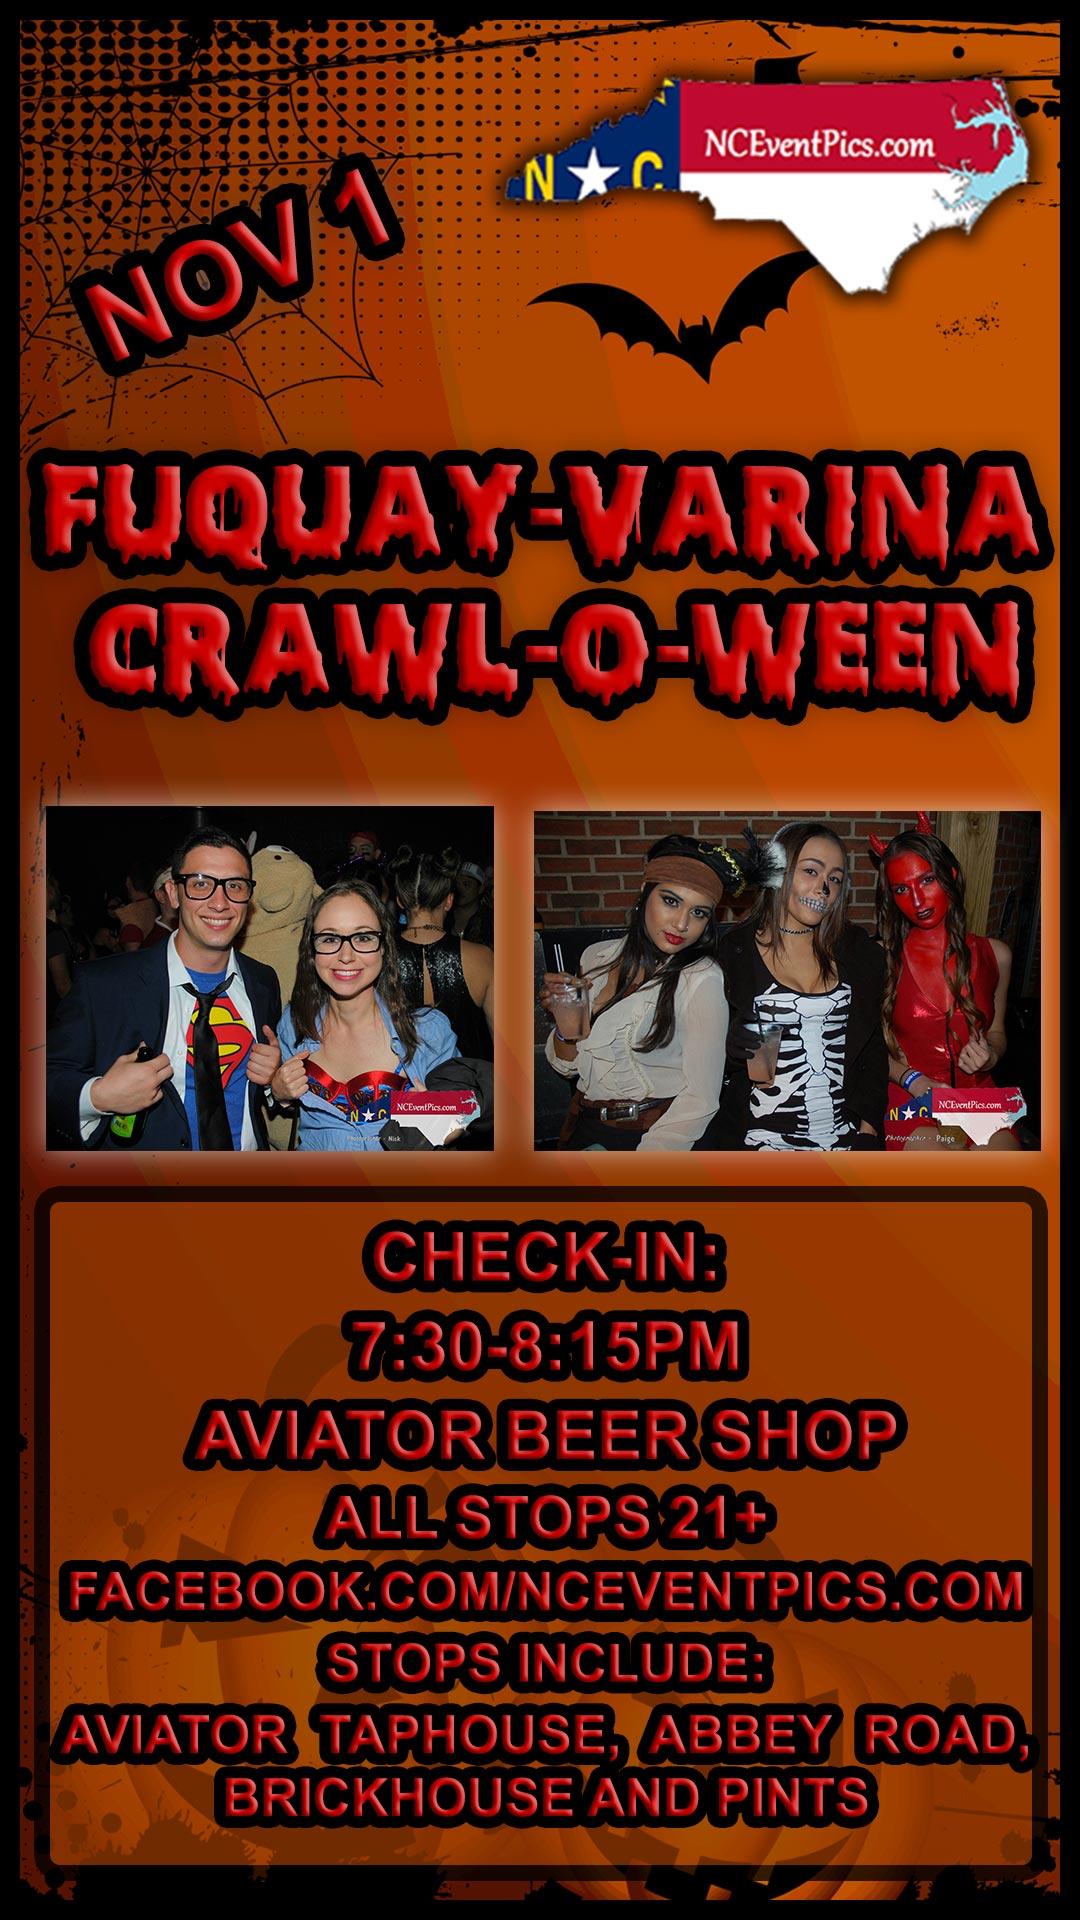 Fuquay Varina Crawl-O-Ween